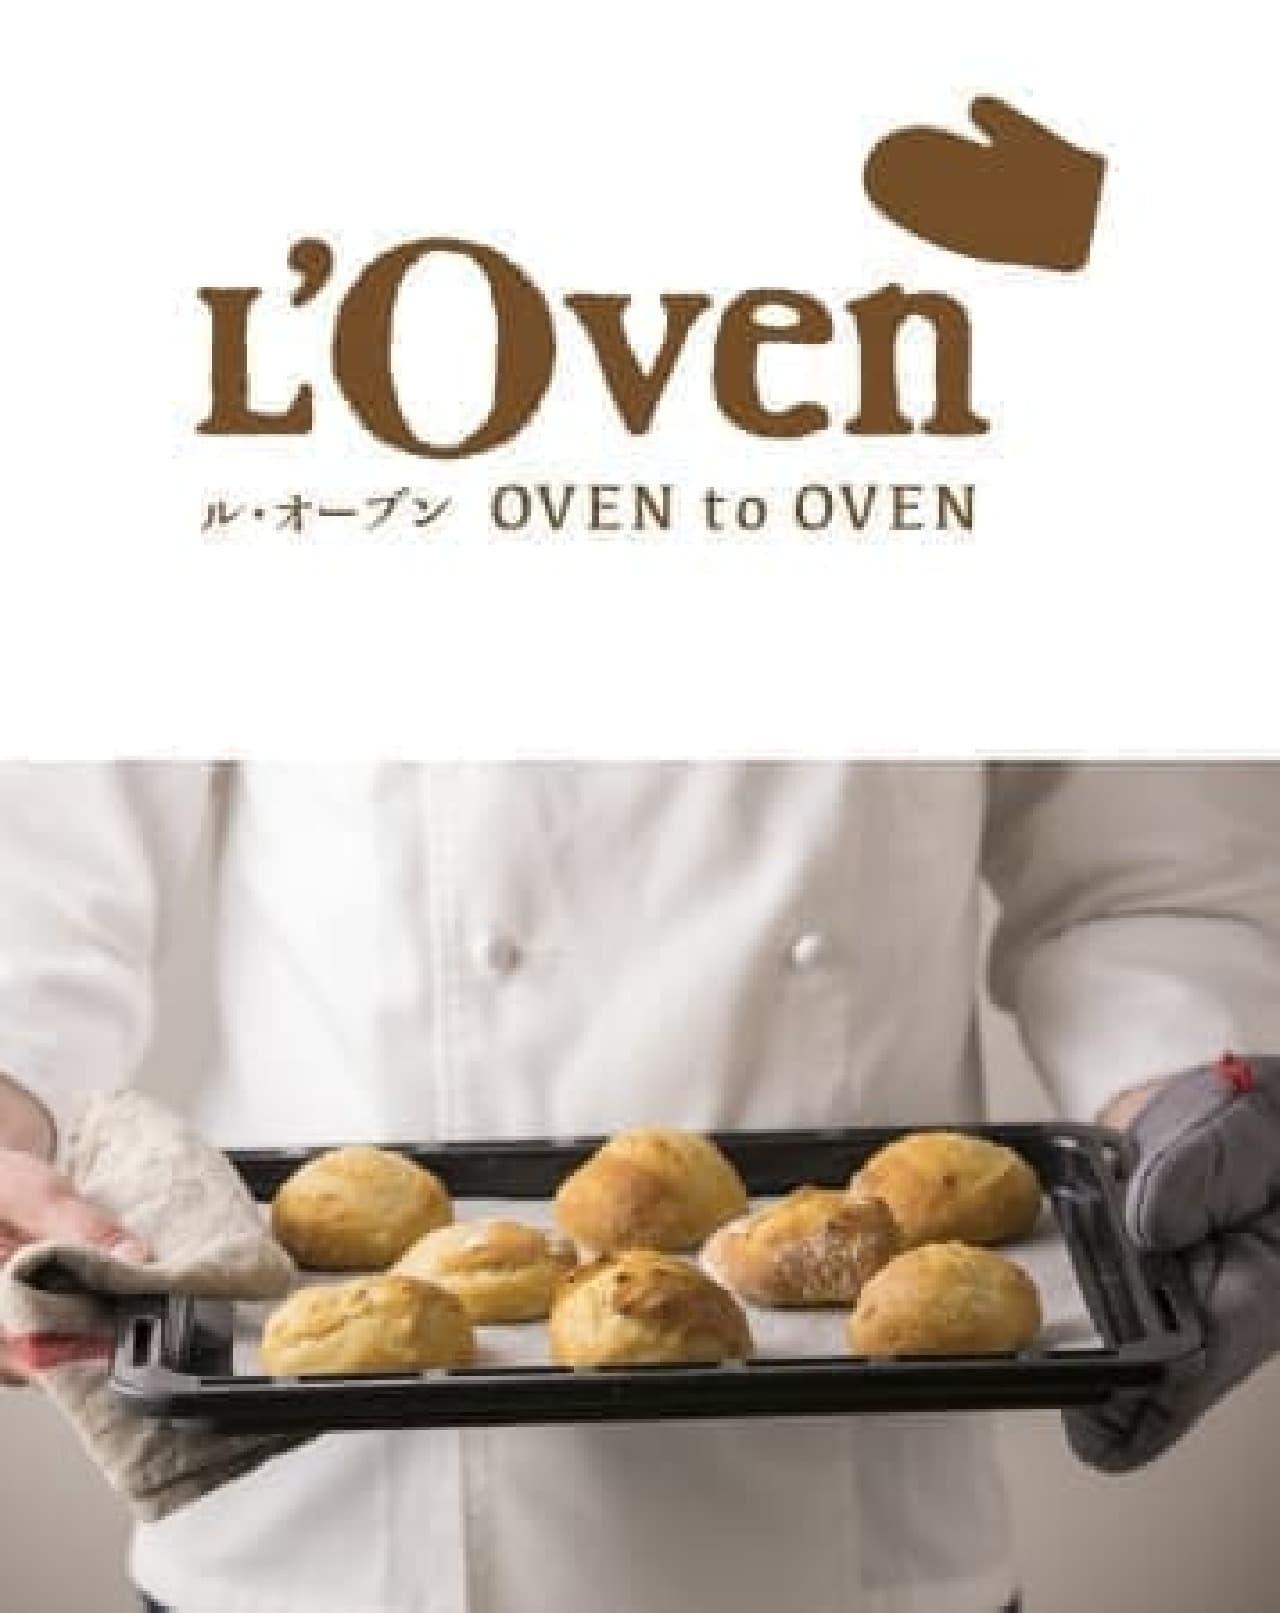 パスコのL'Oven(ル・オーブン)から、焼きたてパンを家庭で楽しめるキット